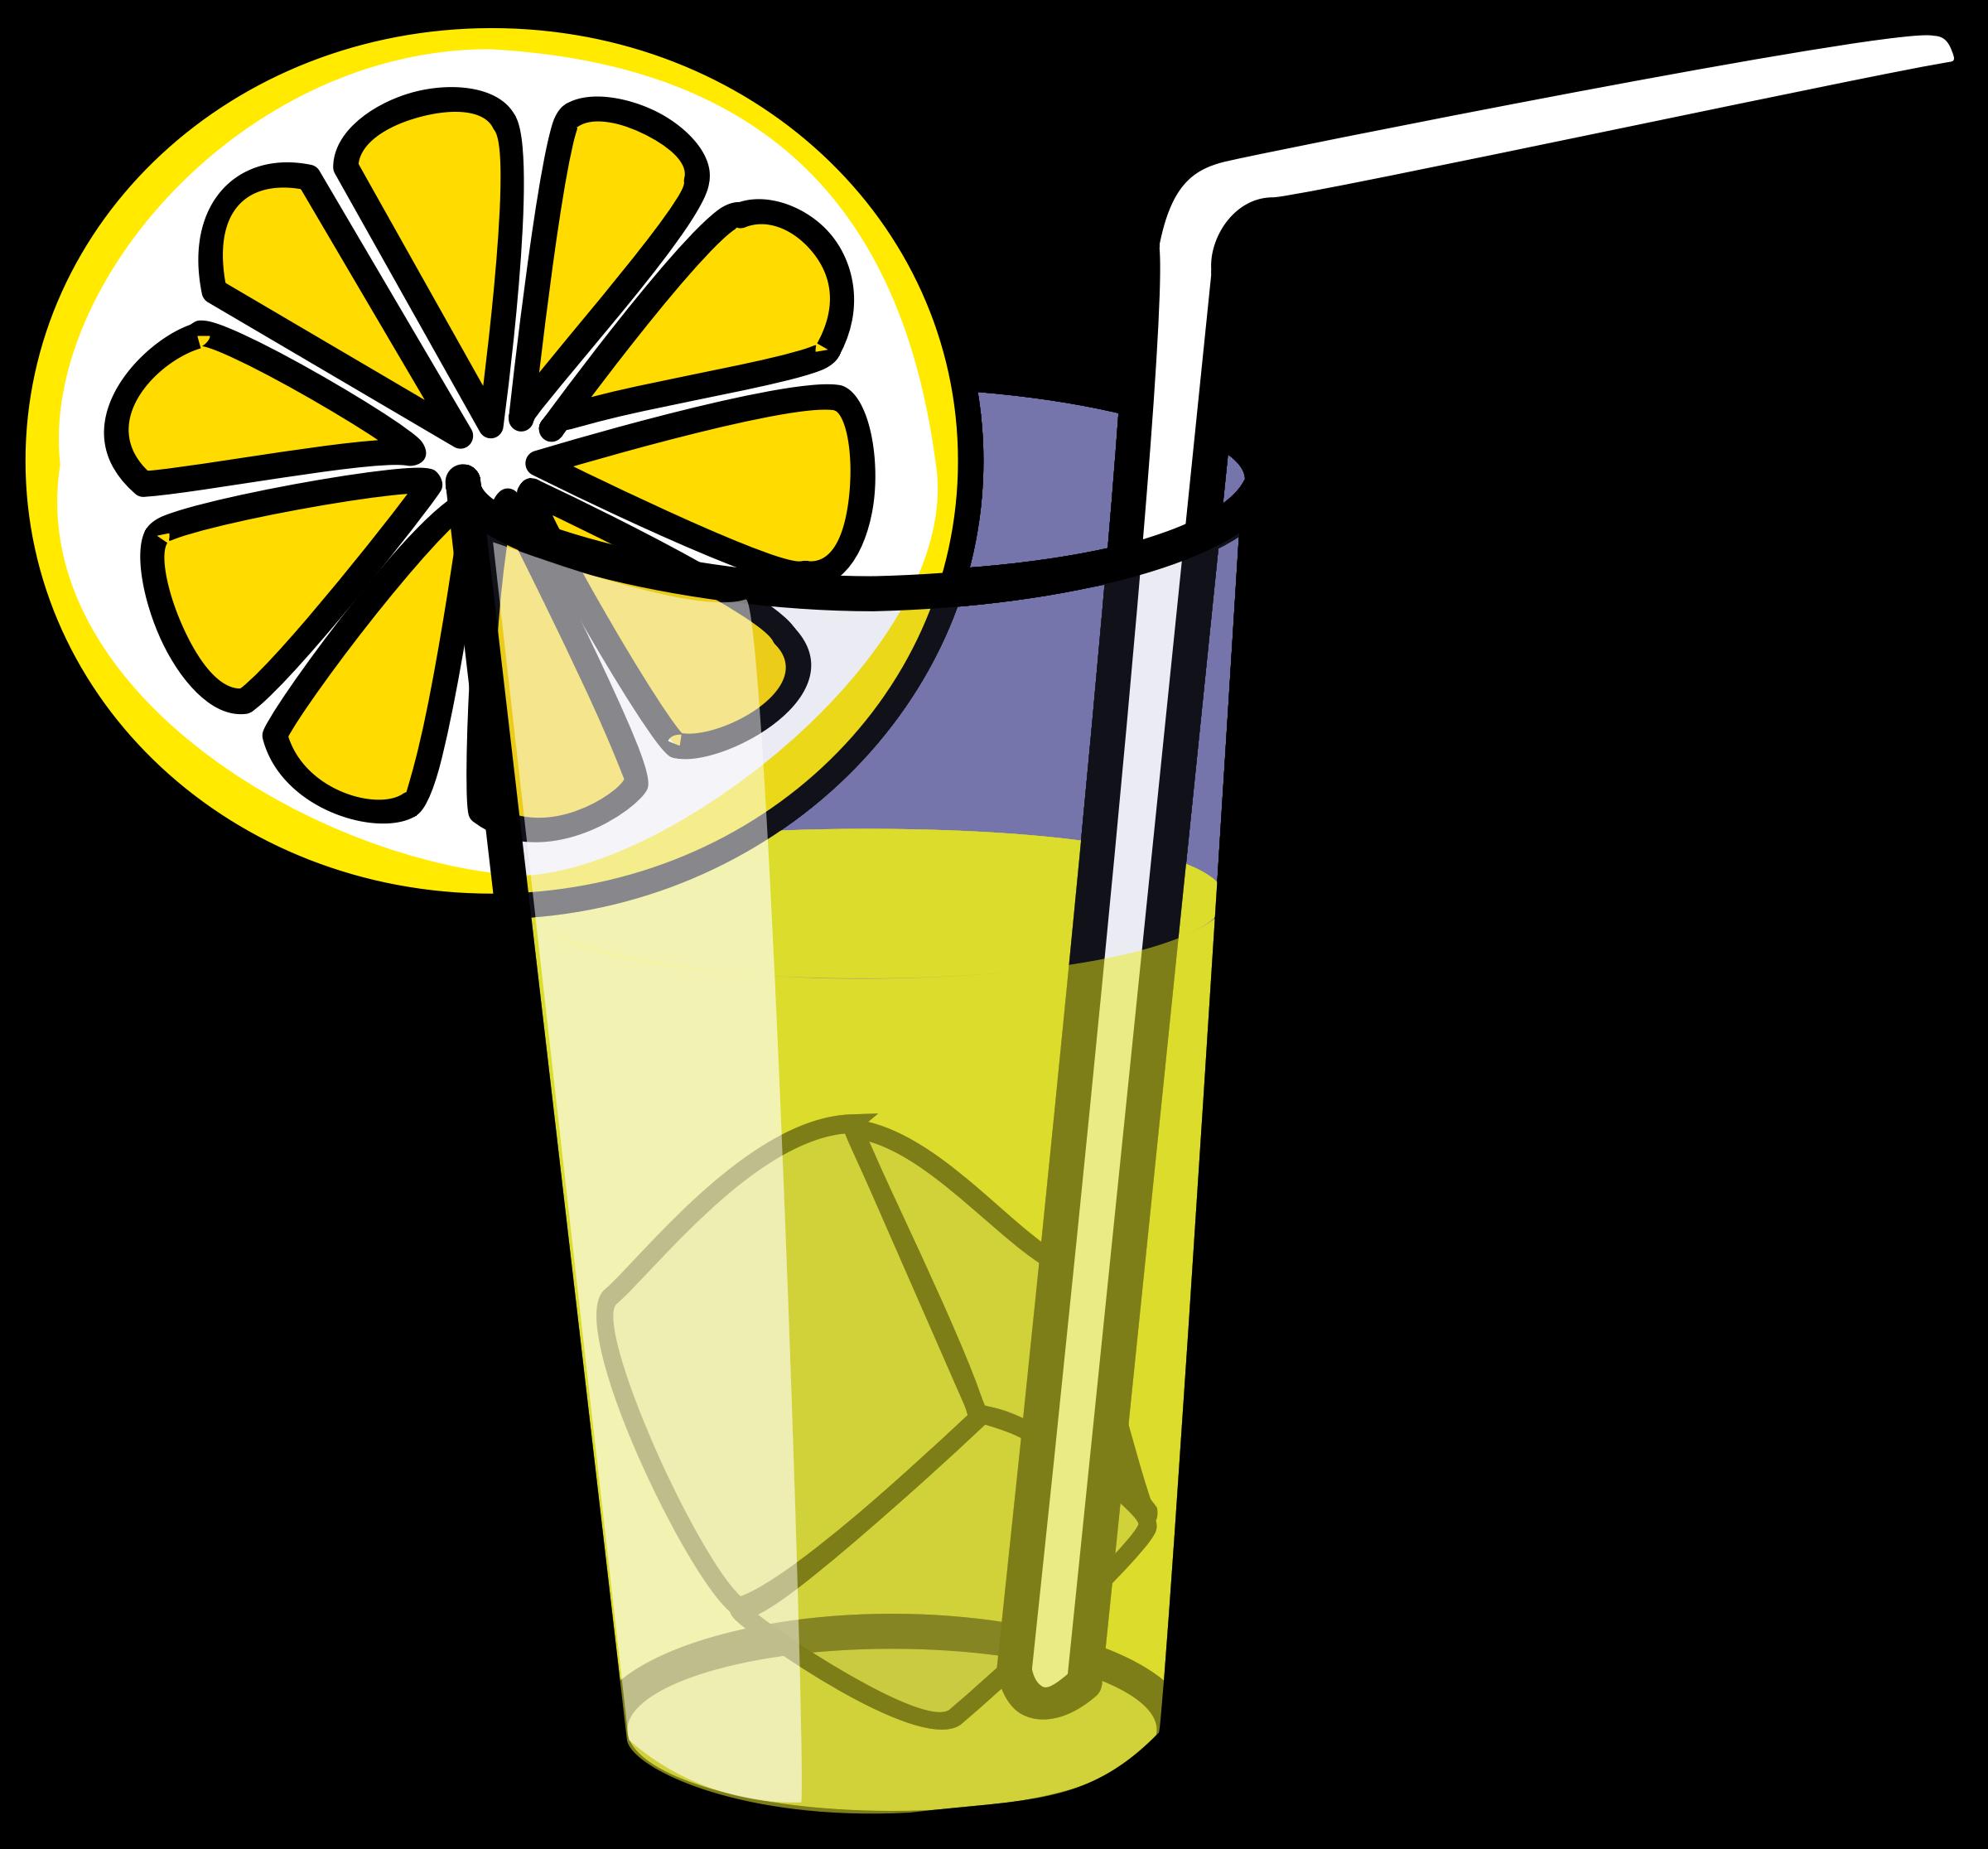 Free cliparts download clip. Lemons clipart lemon juice